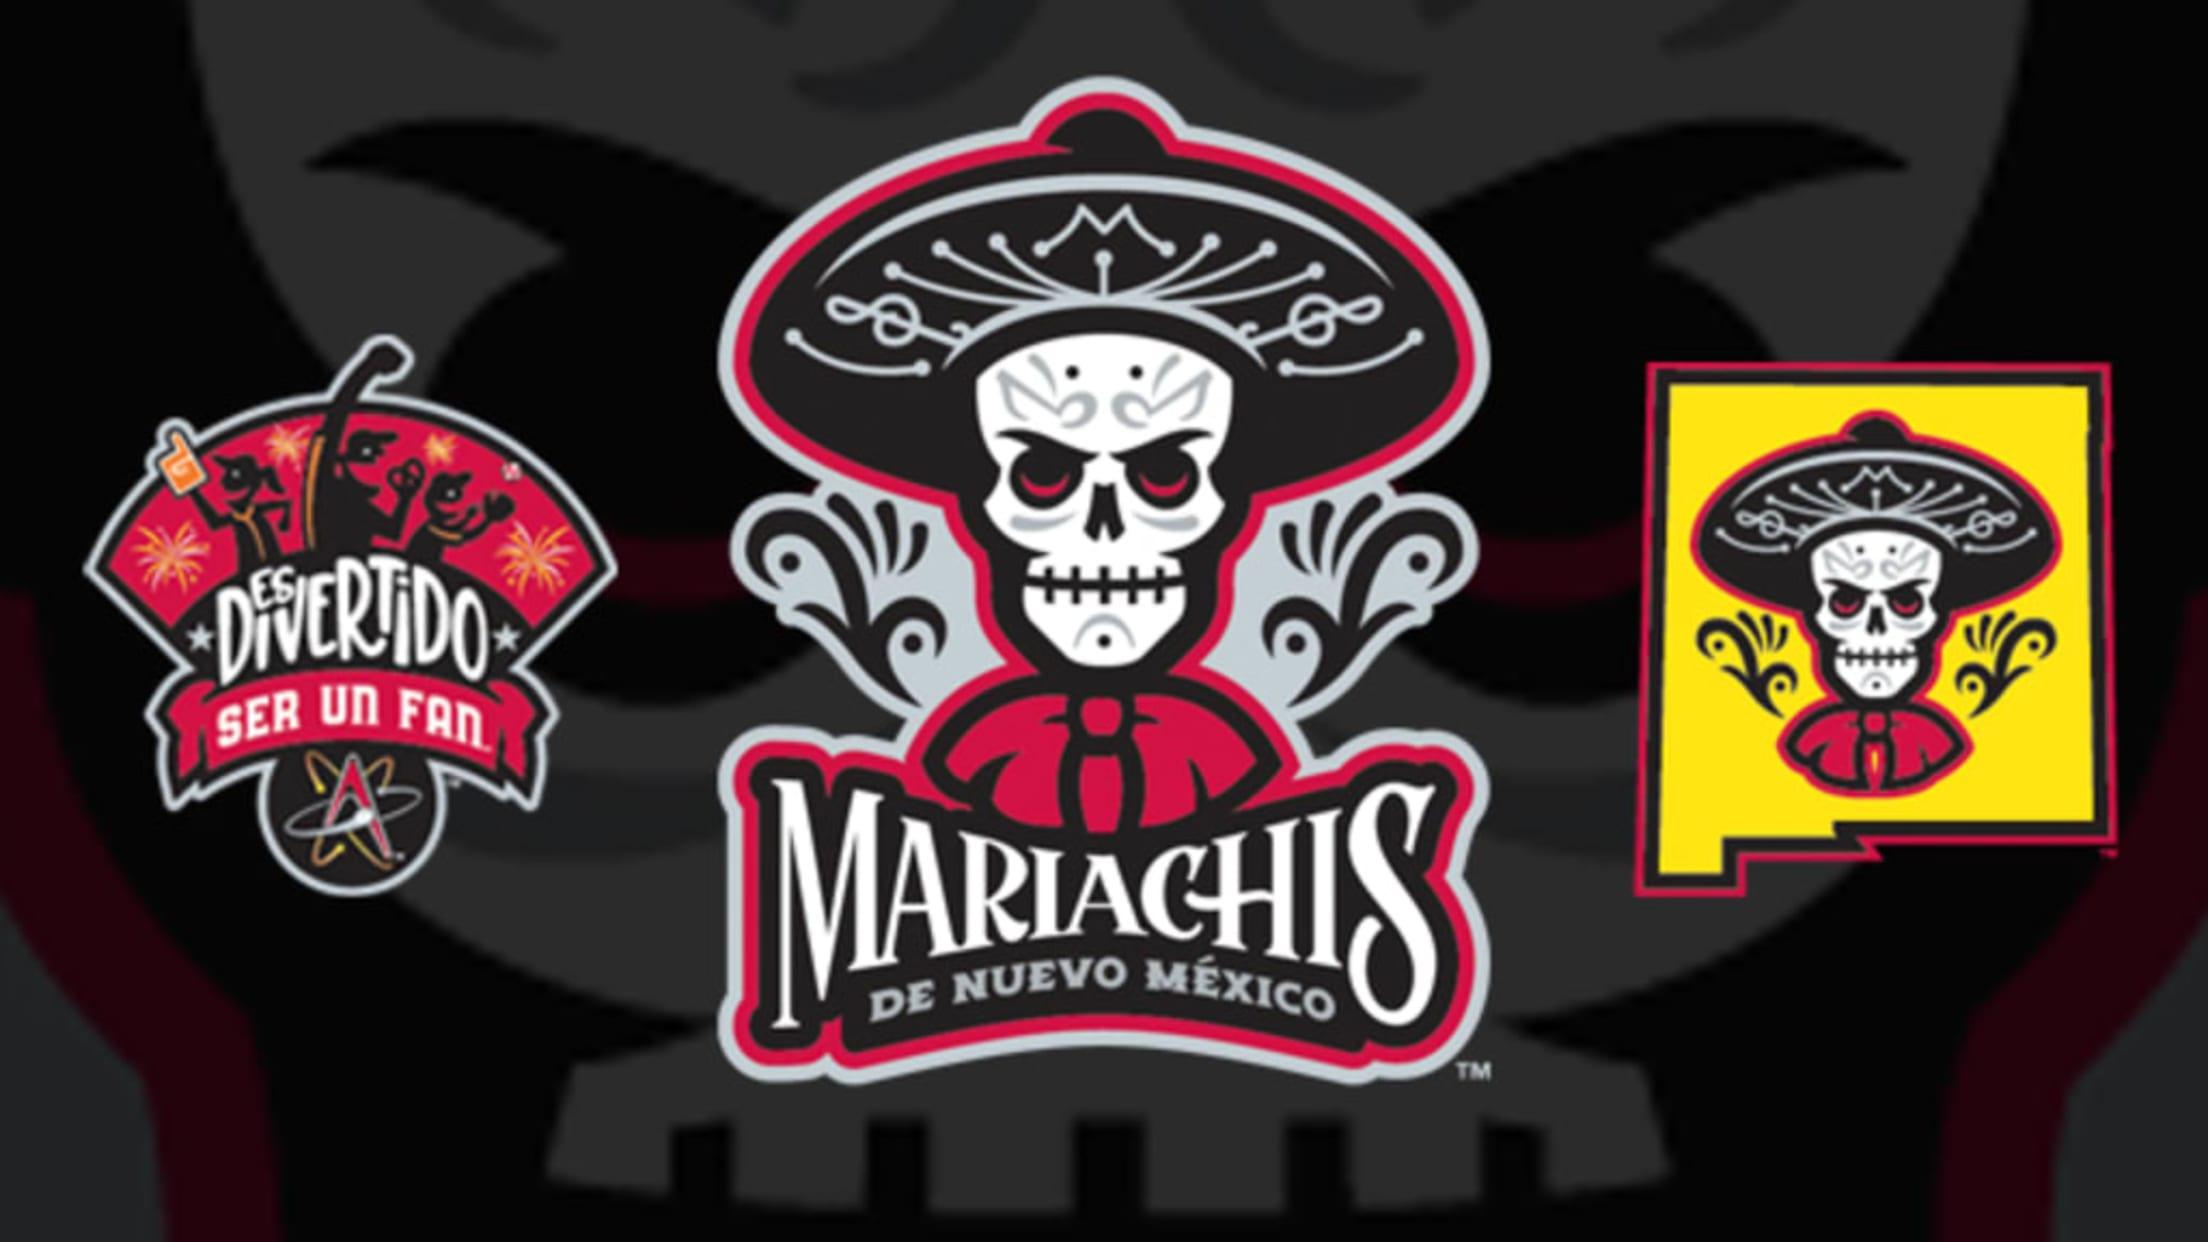 Alp_mariachis